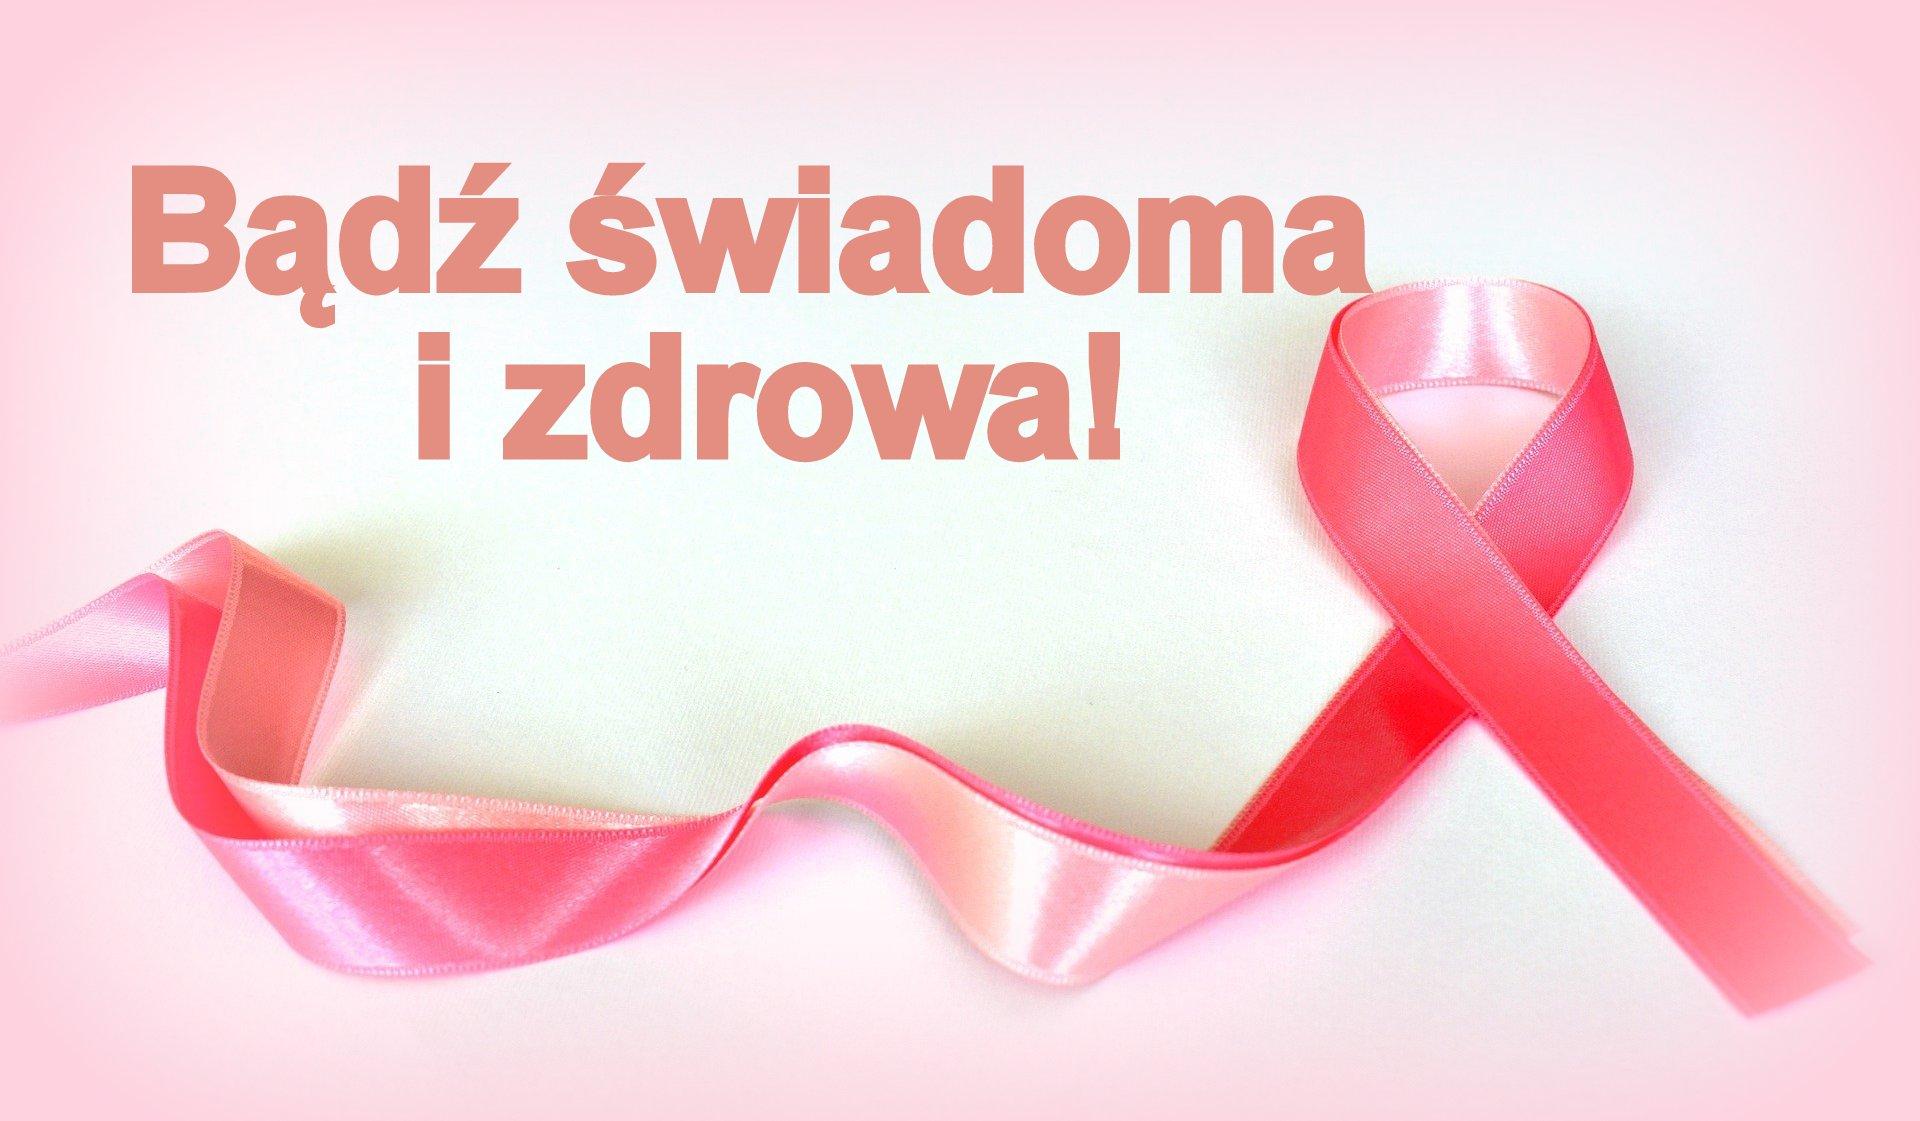 Bądź świadoma i zdrowa. Bezpłatne badania profilaktyczne raka piersi w Brzozowie - Zdjęcie główne